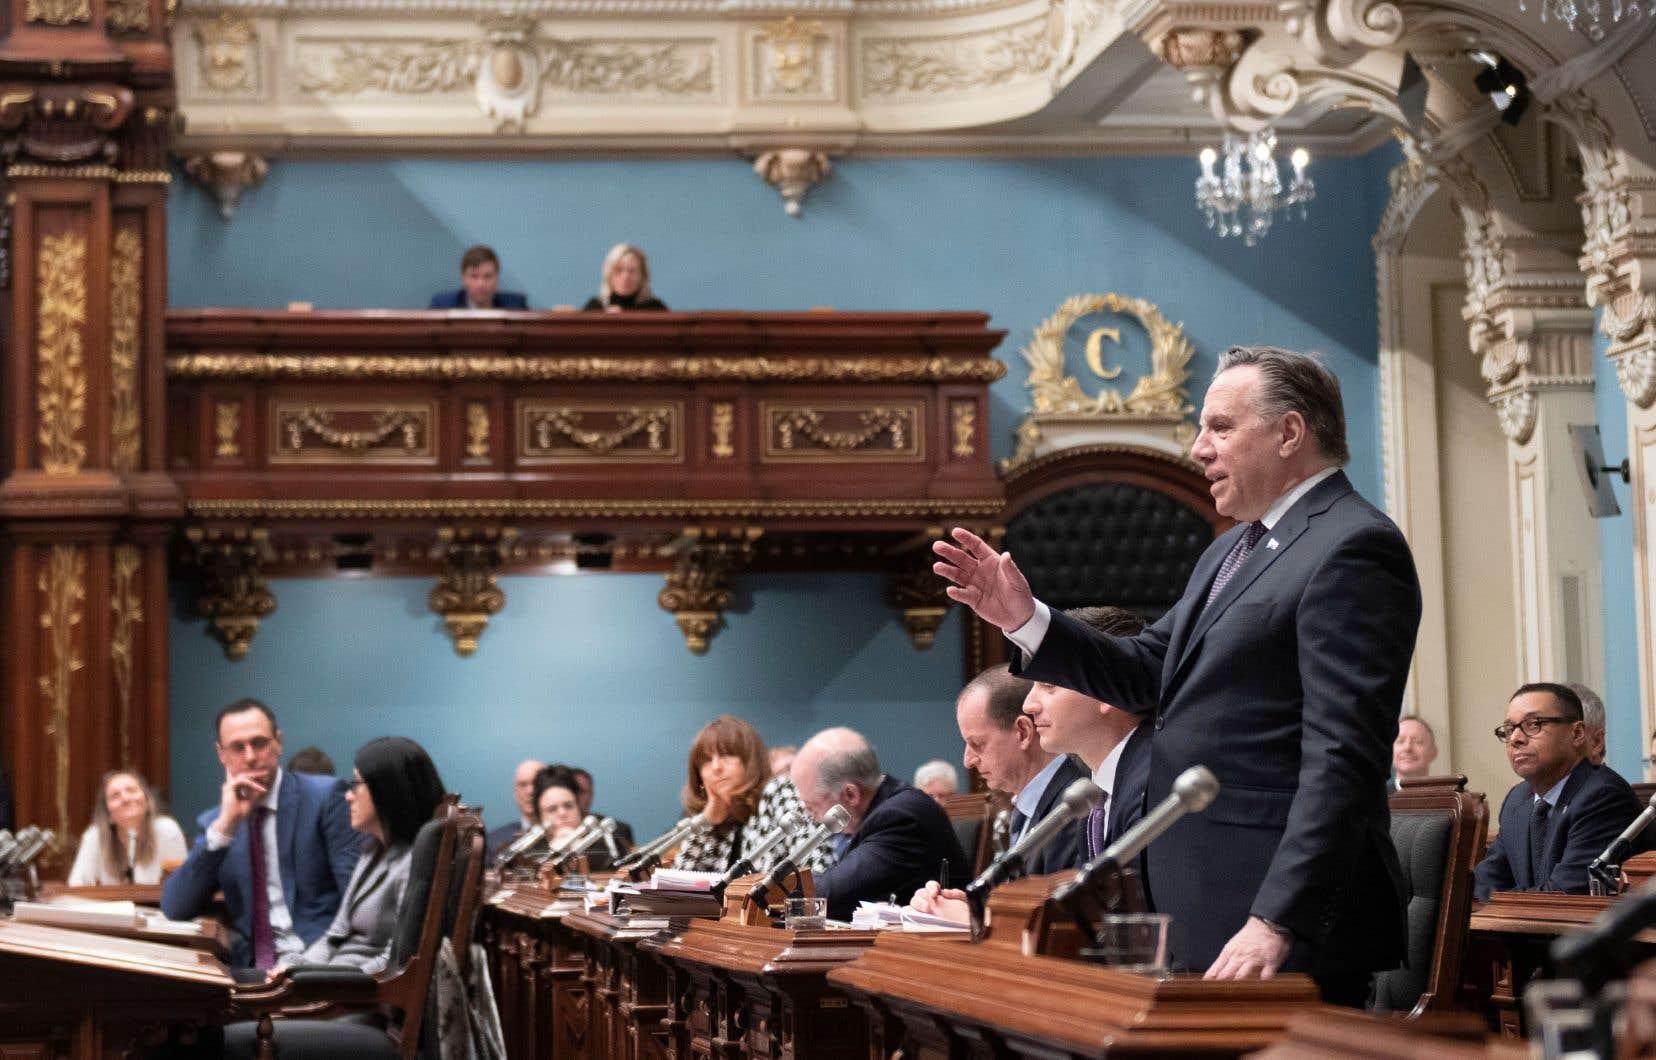 L'équipe de François Legault est persuadée que le brouhaha provoqué par l'adoption de la «loi 40» sous bâillon s'apaisera rapidement. Et le ministre Roberge, que l'on voit à gauche sur la photo, n'a plus de projets de loi sur la table à dessin, indique-t-on au Devoir.